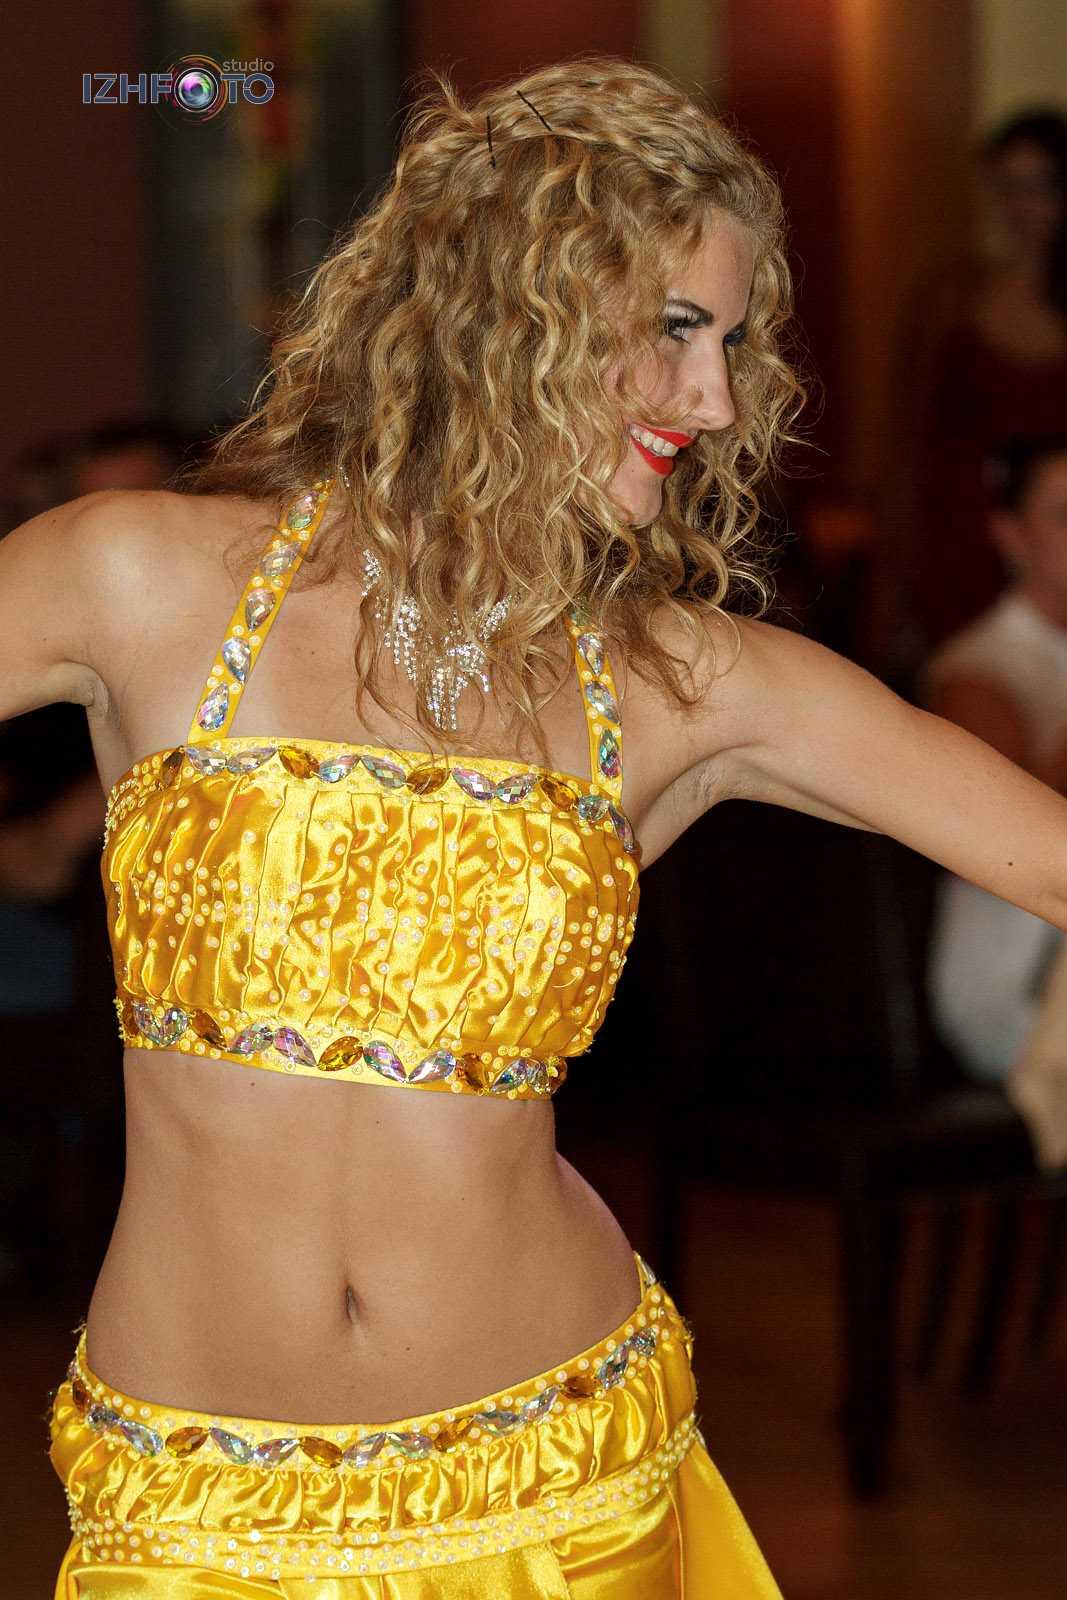 Миссис дэнс Фото восточных танцев